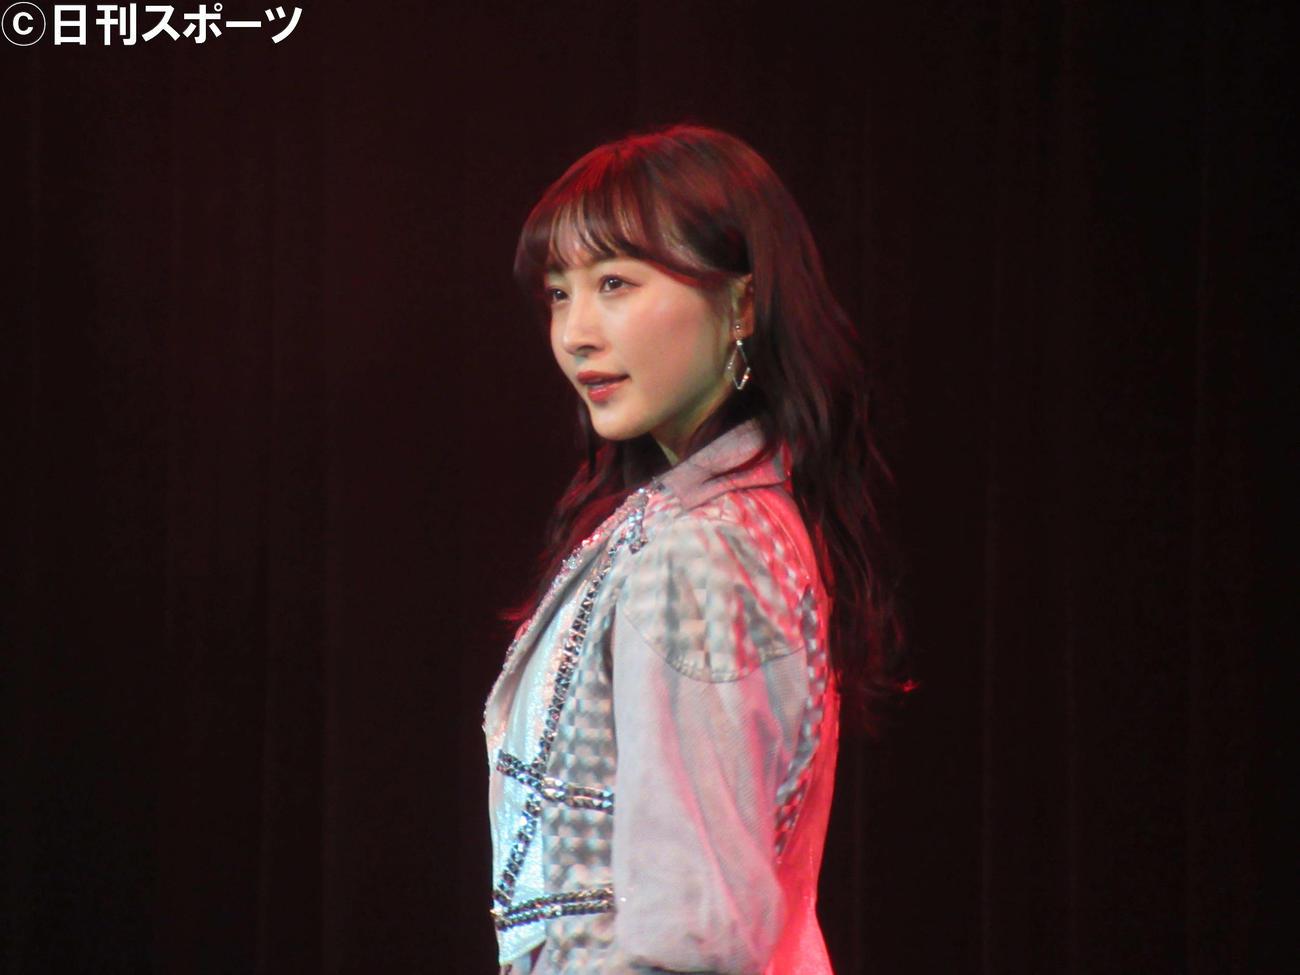 卒業公演を行ったNMB48山本彩加(撮影・星名希実)